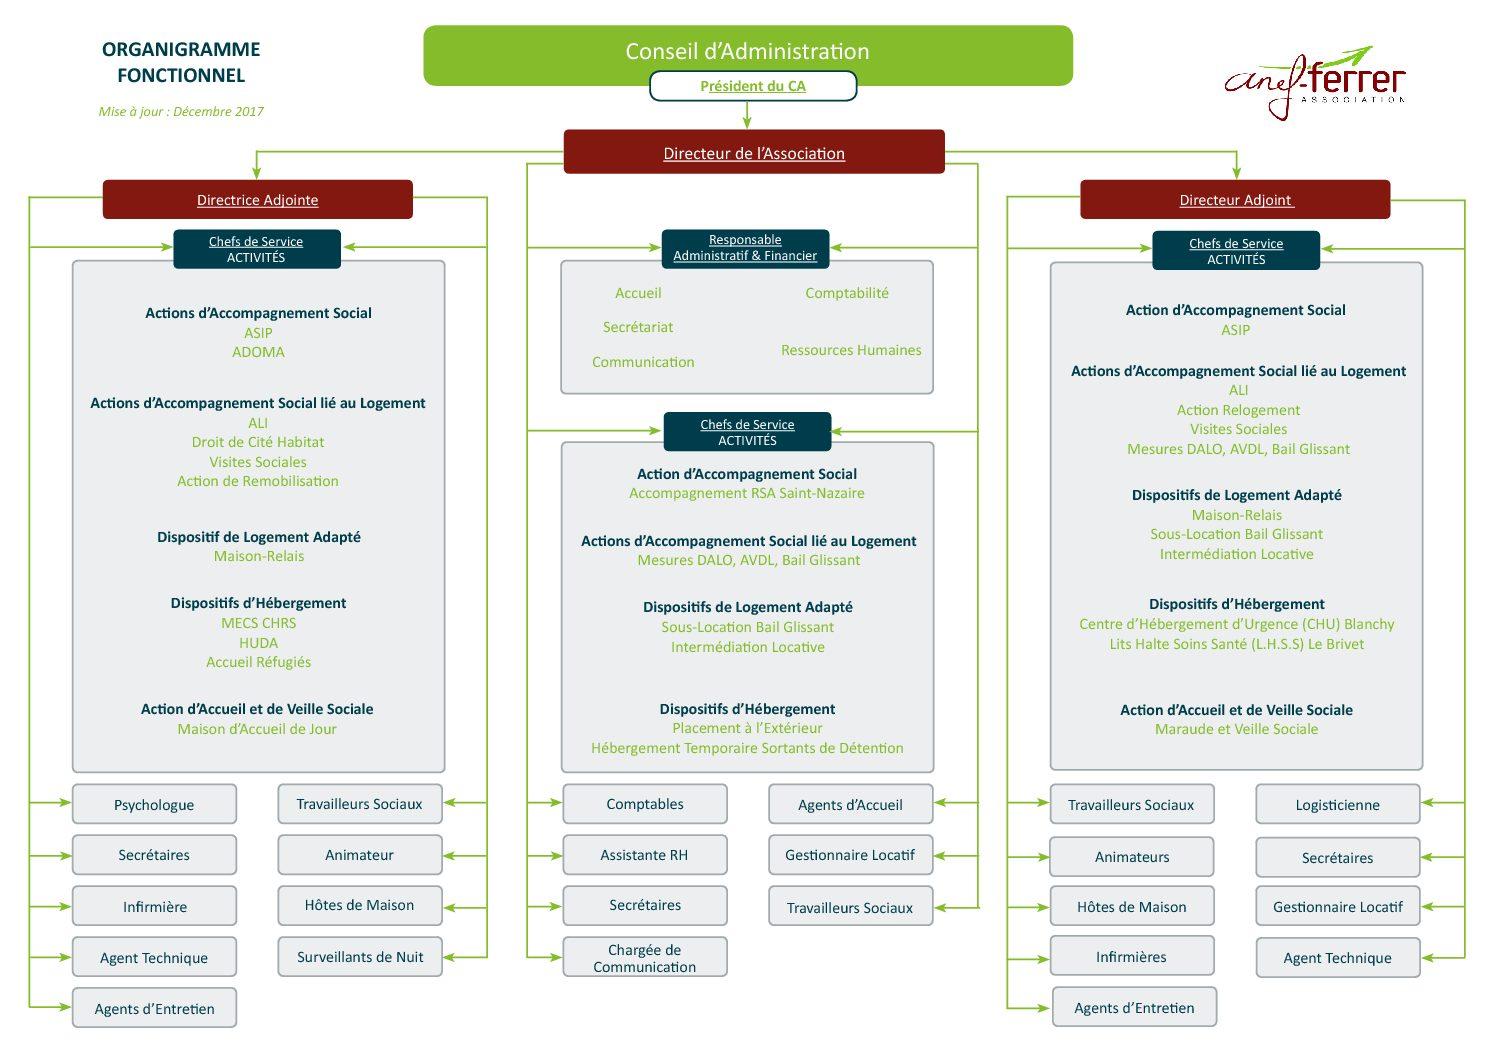 organigramme-fonctionnel-dcembre-2017